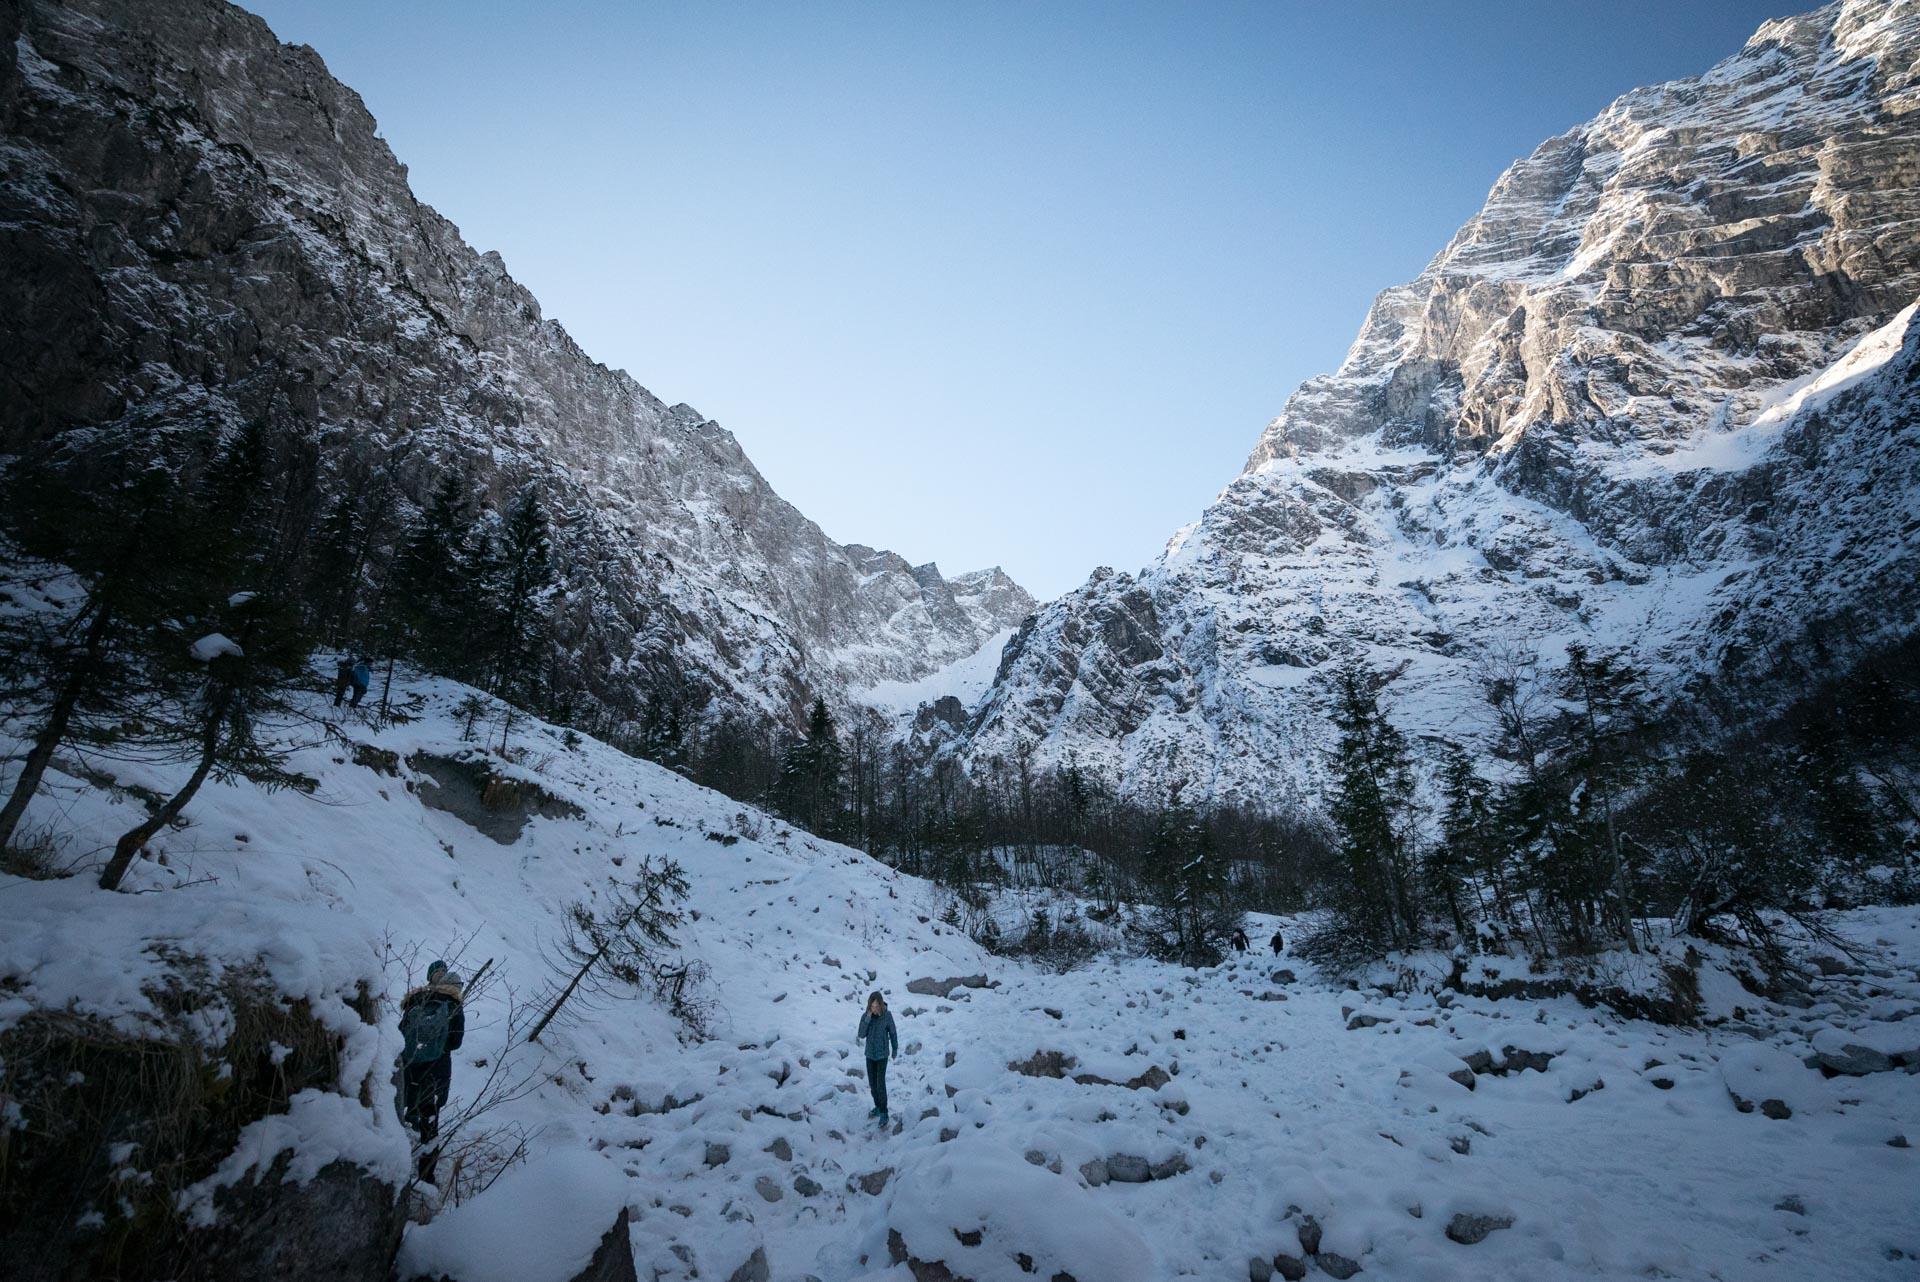 east face of mount watzmann berchtesgaden